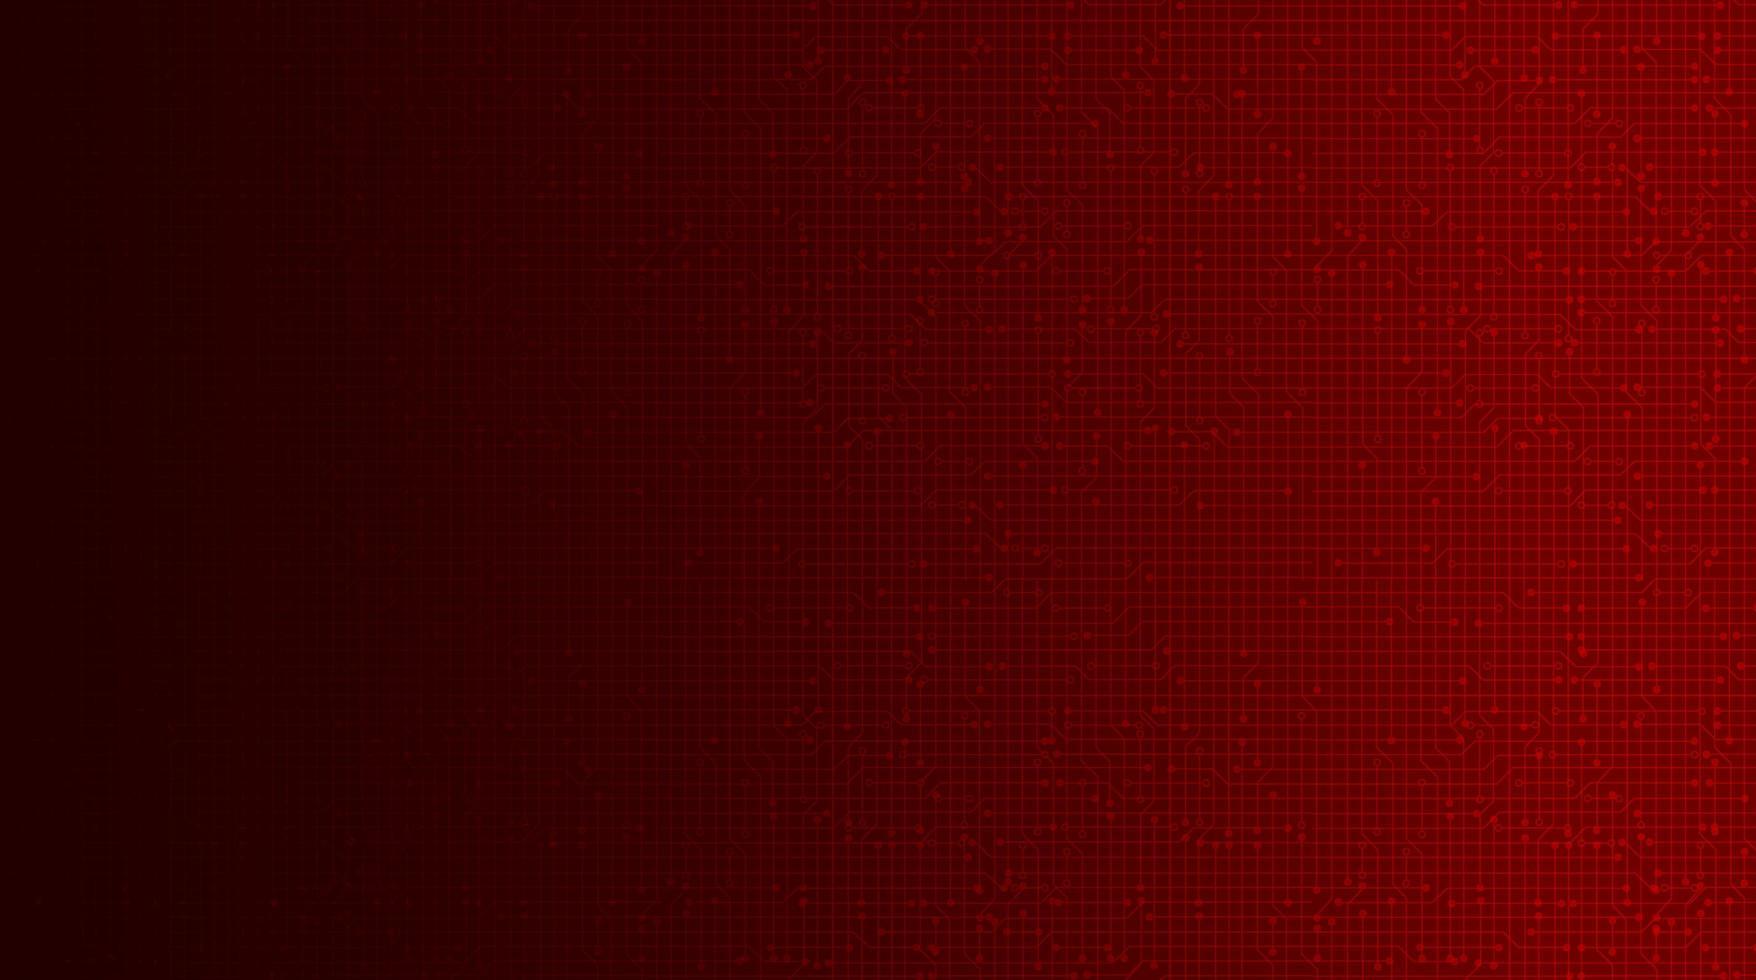 microchip digitale futuristico rosso su sfondo di tecnologia vettore